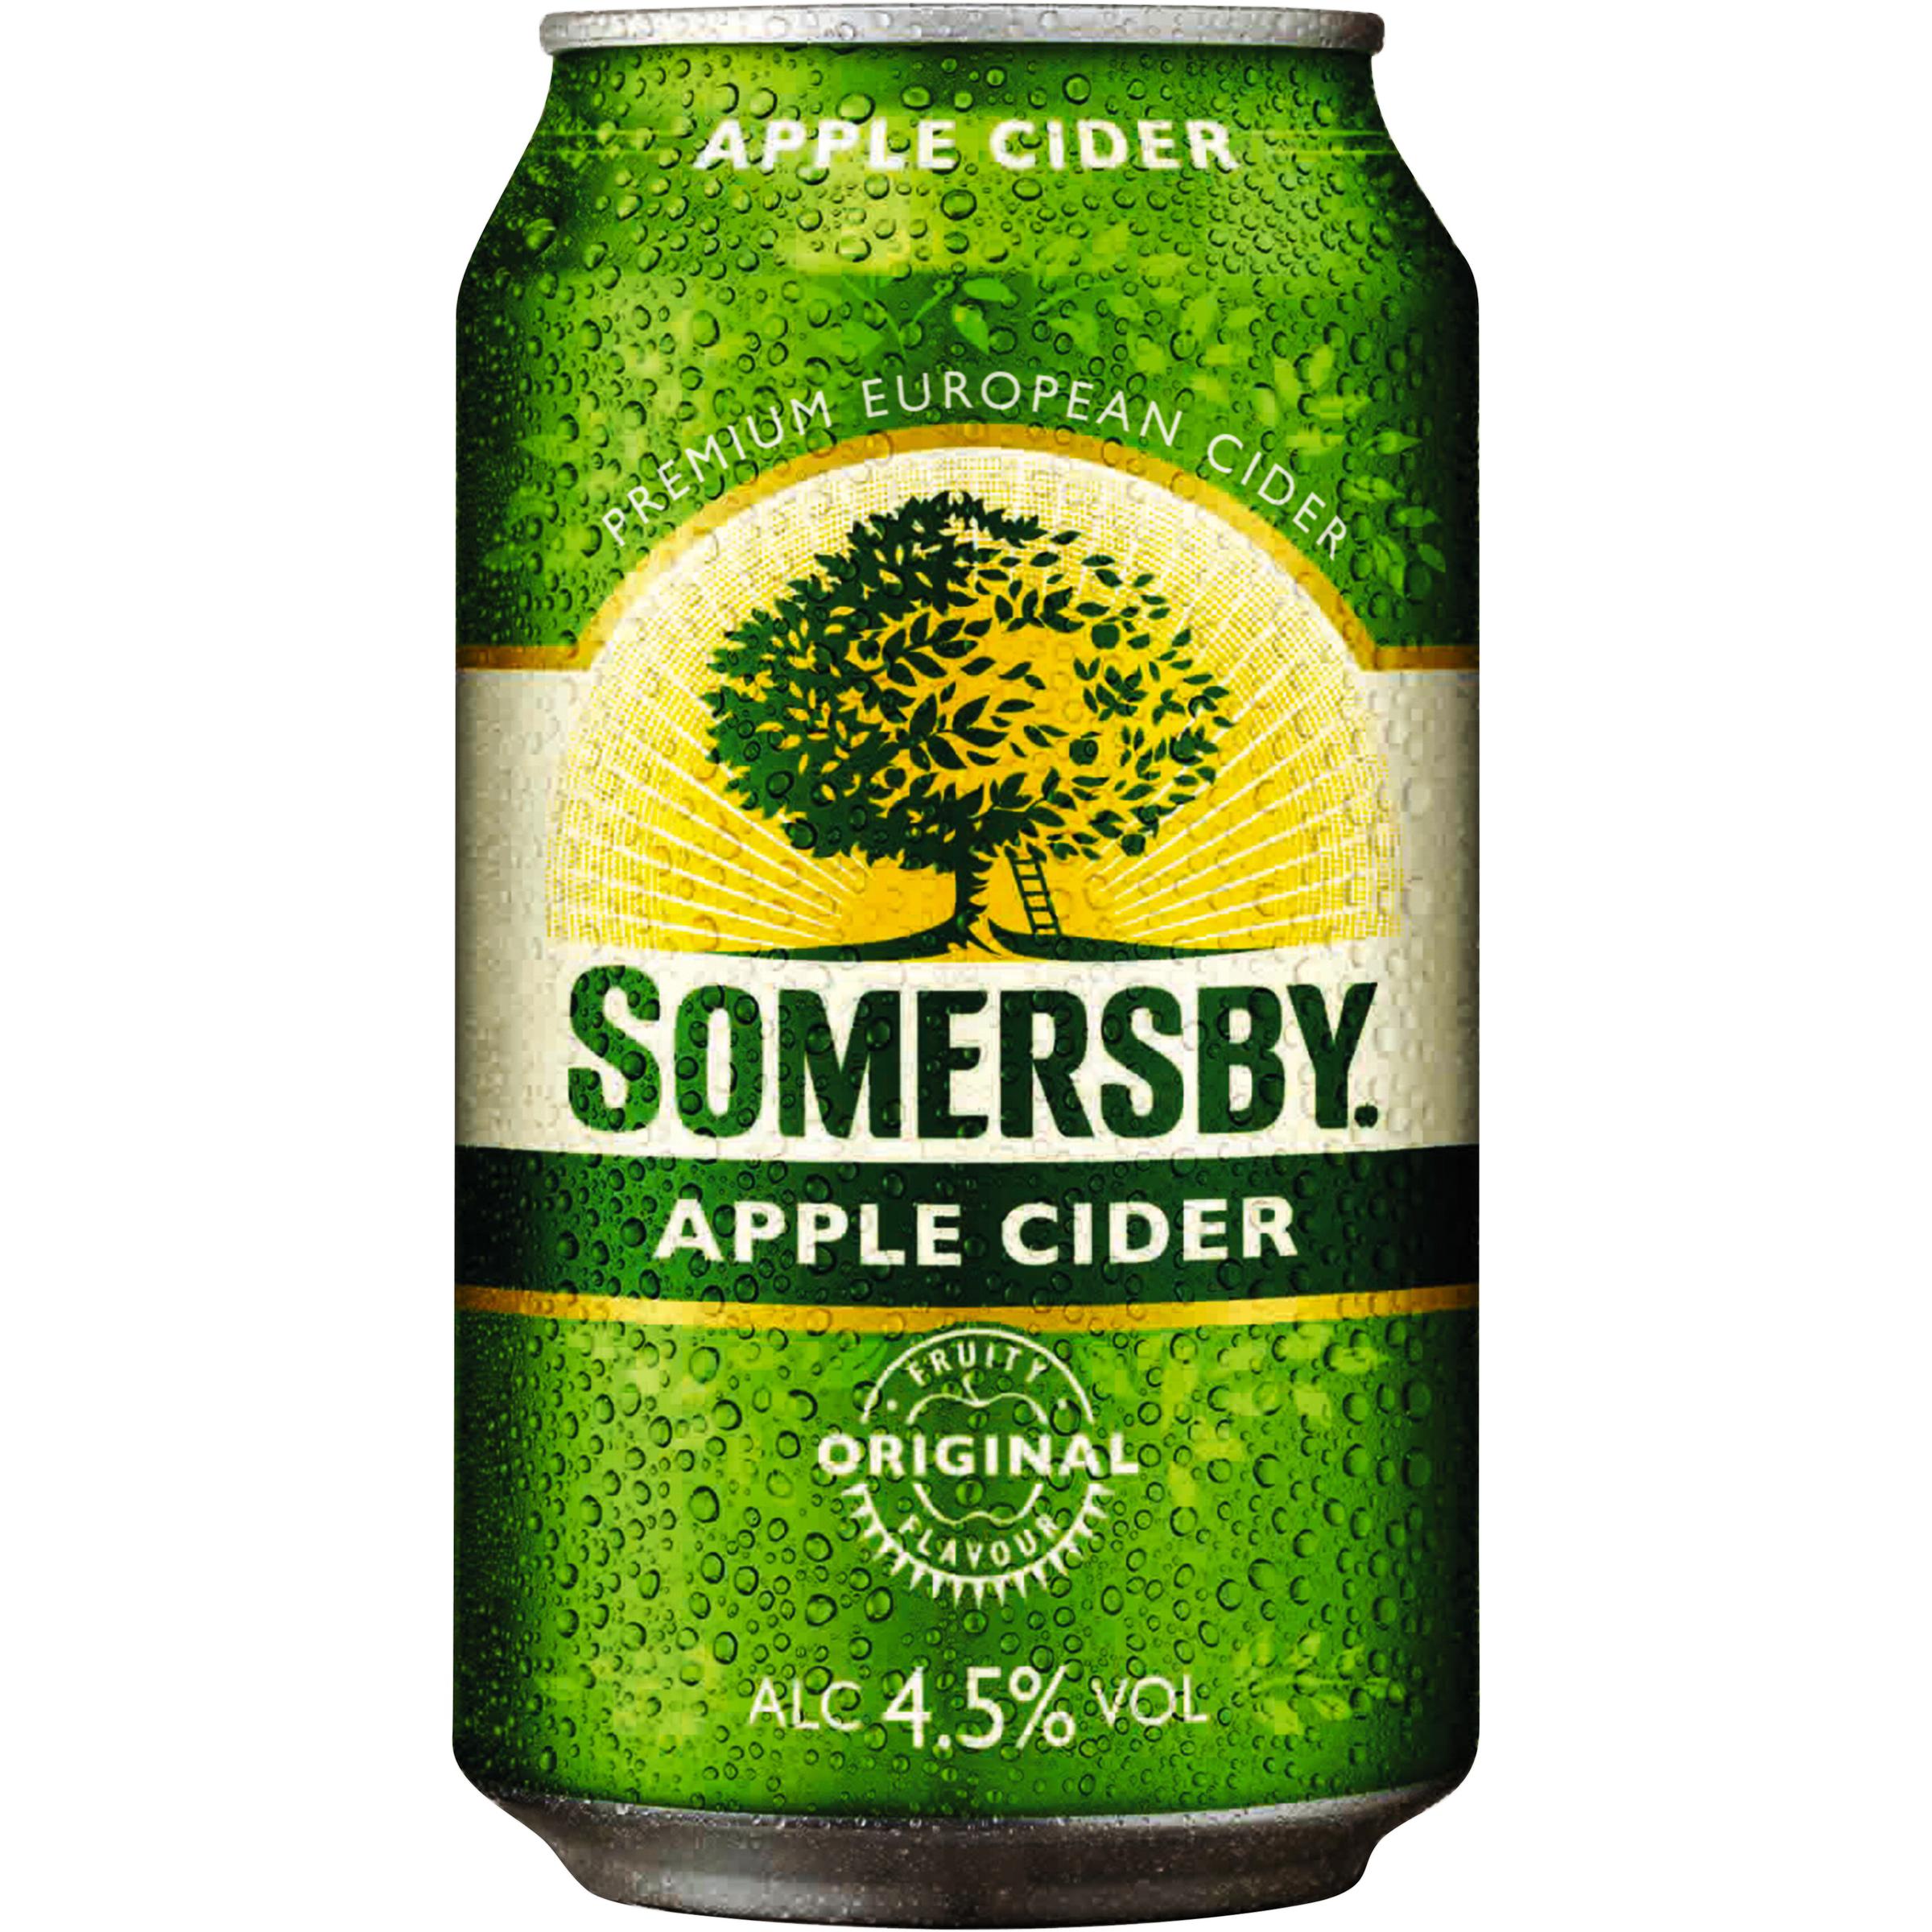 Сидр сомерсби (somersby): из чего делают, обзор вкуса